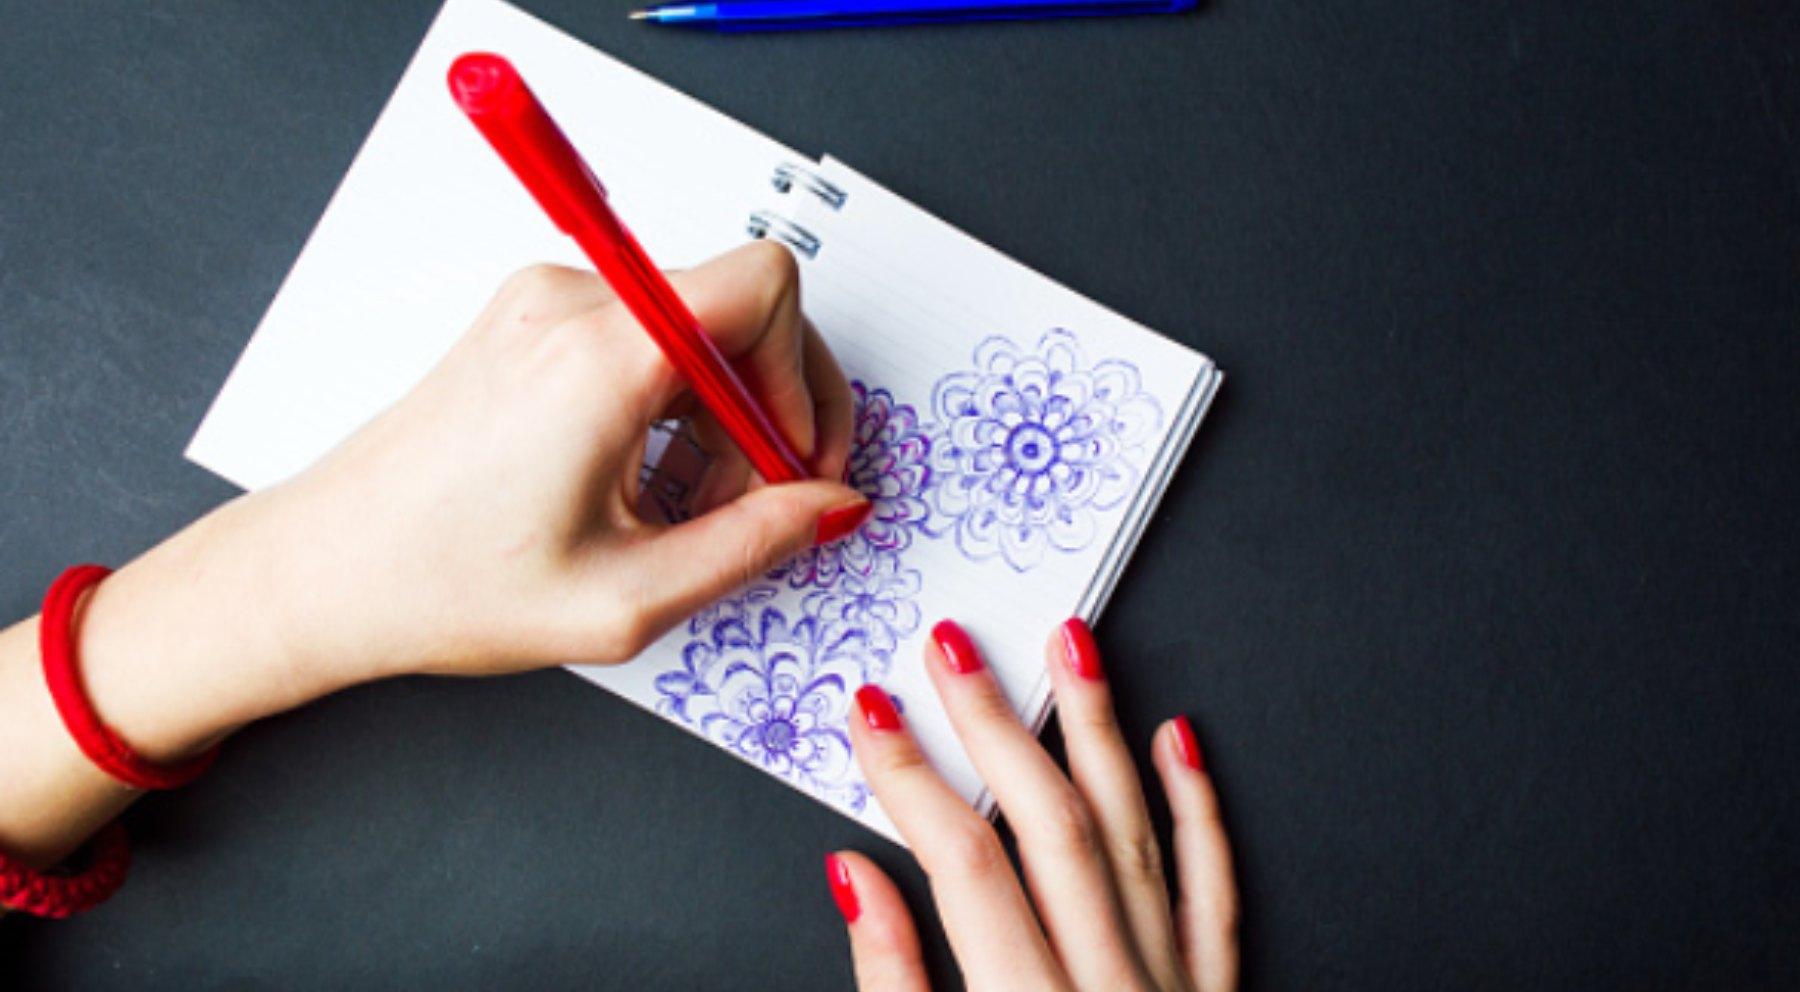 Pasos para pintar un mandala en telaCómo pintar un mandala en tela